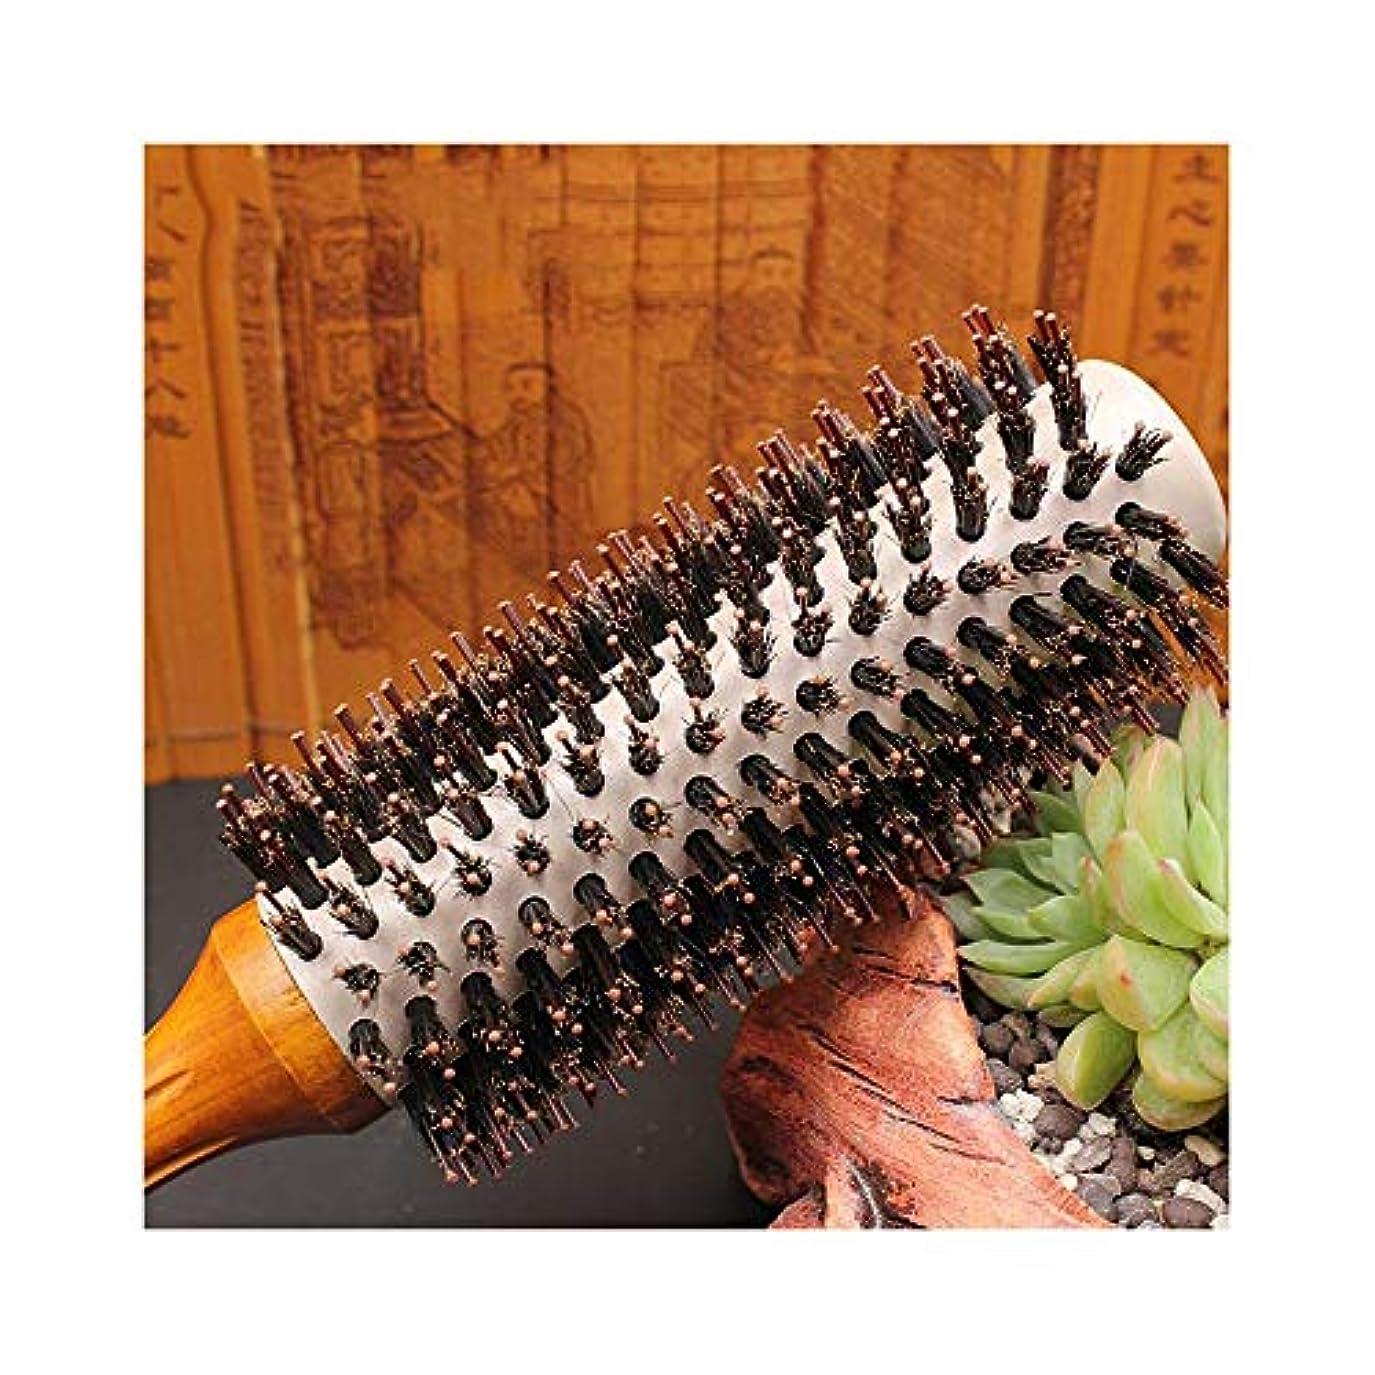 メロディアス追う敬礼すべてのヘアスタイルのためにイノシシ毛&ナイロンピン - イノシシ毛ラウンド櫛ドライヘアブラシブロー ヘアケア (サイズ : XL)